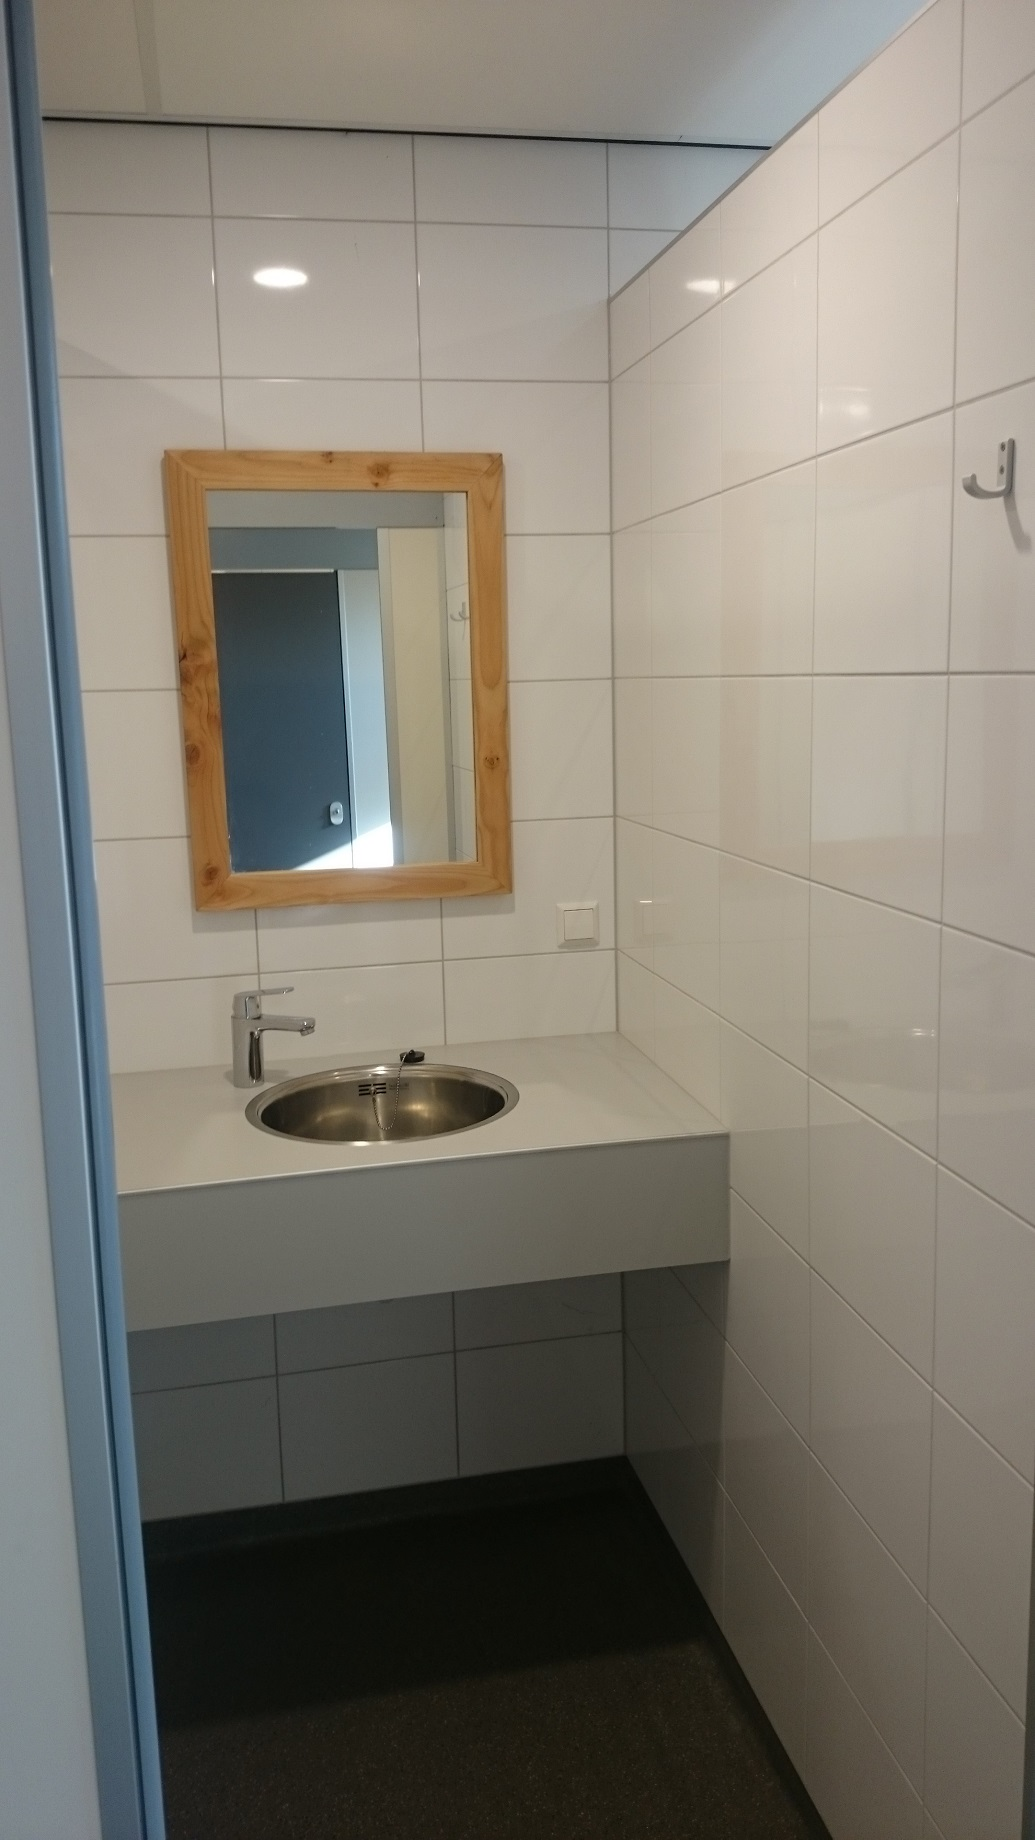 Wascabine - Luxe sanitair op de camping